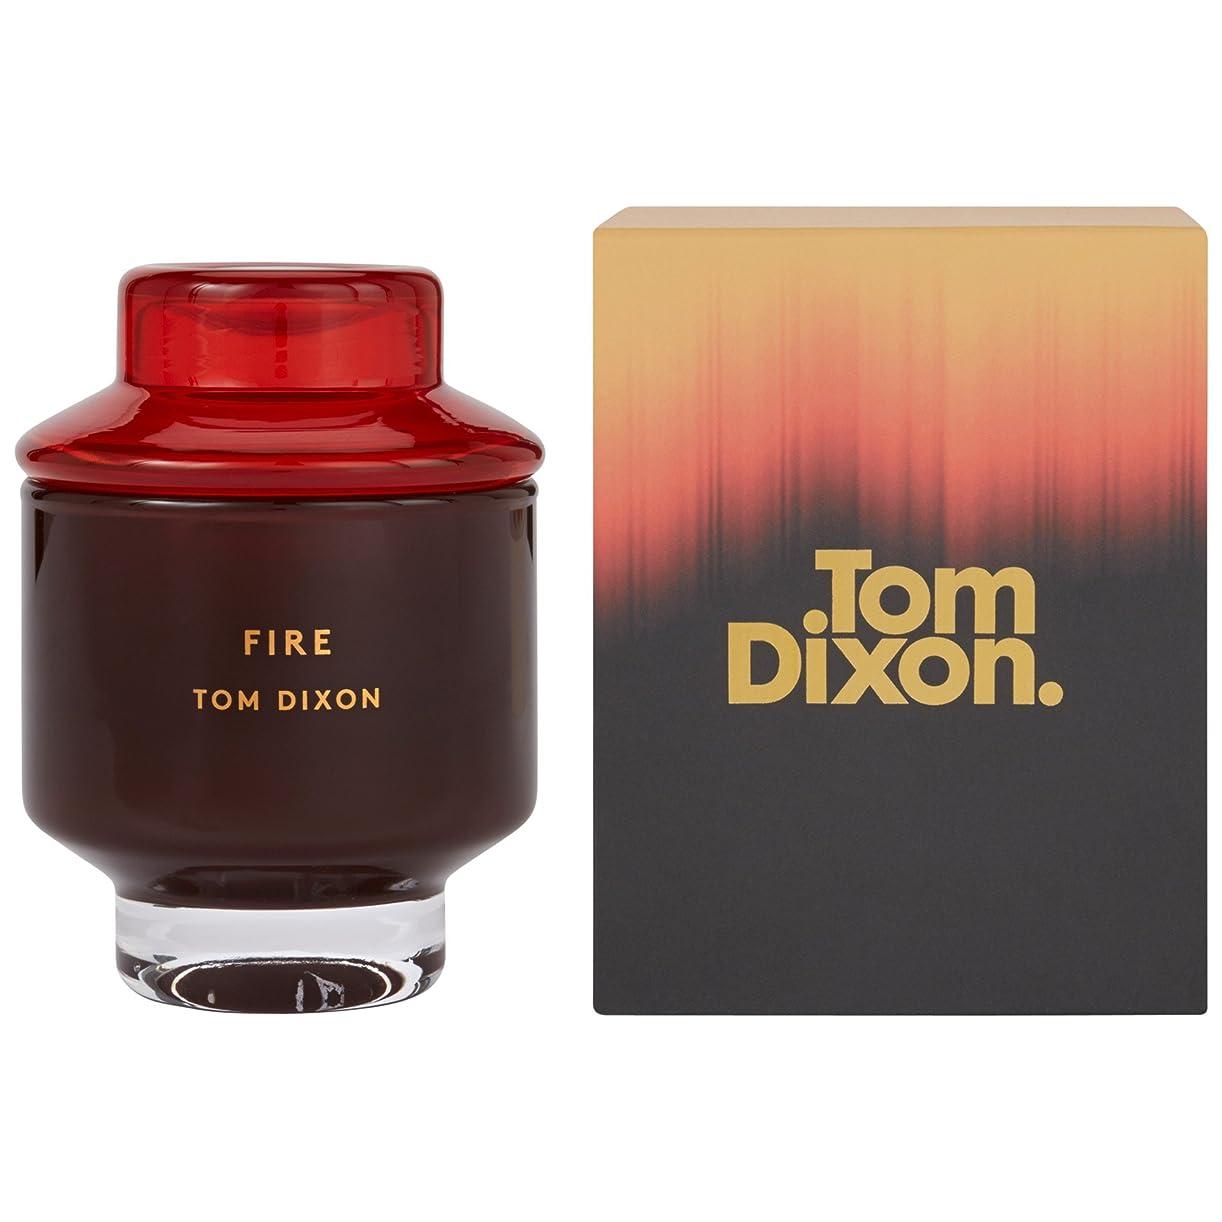 事前軽蔑する落胆したトム?ディクソン火災香りのキャンドル媒体 x6 - Tom Dixon Fire Scented Candle Medium (Pack of 6) [並行輸入品]